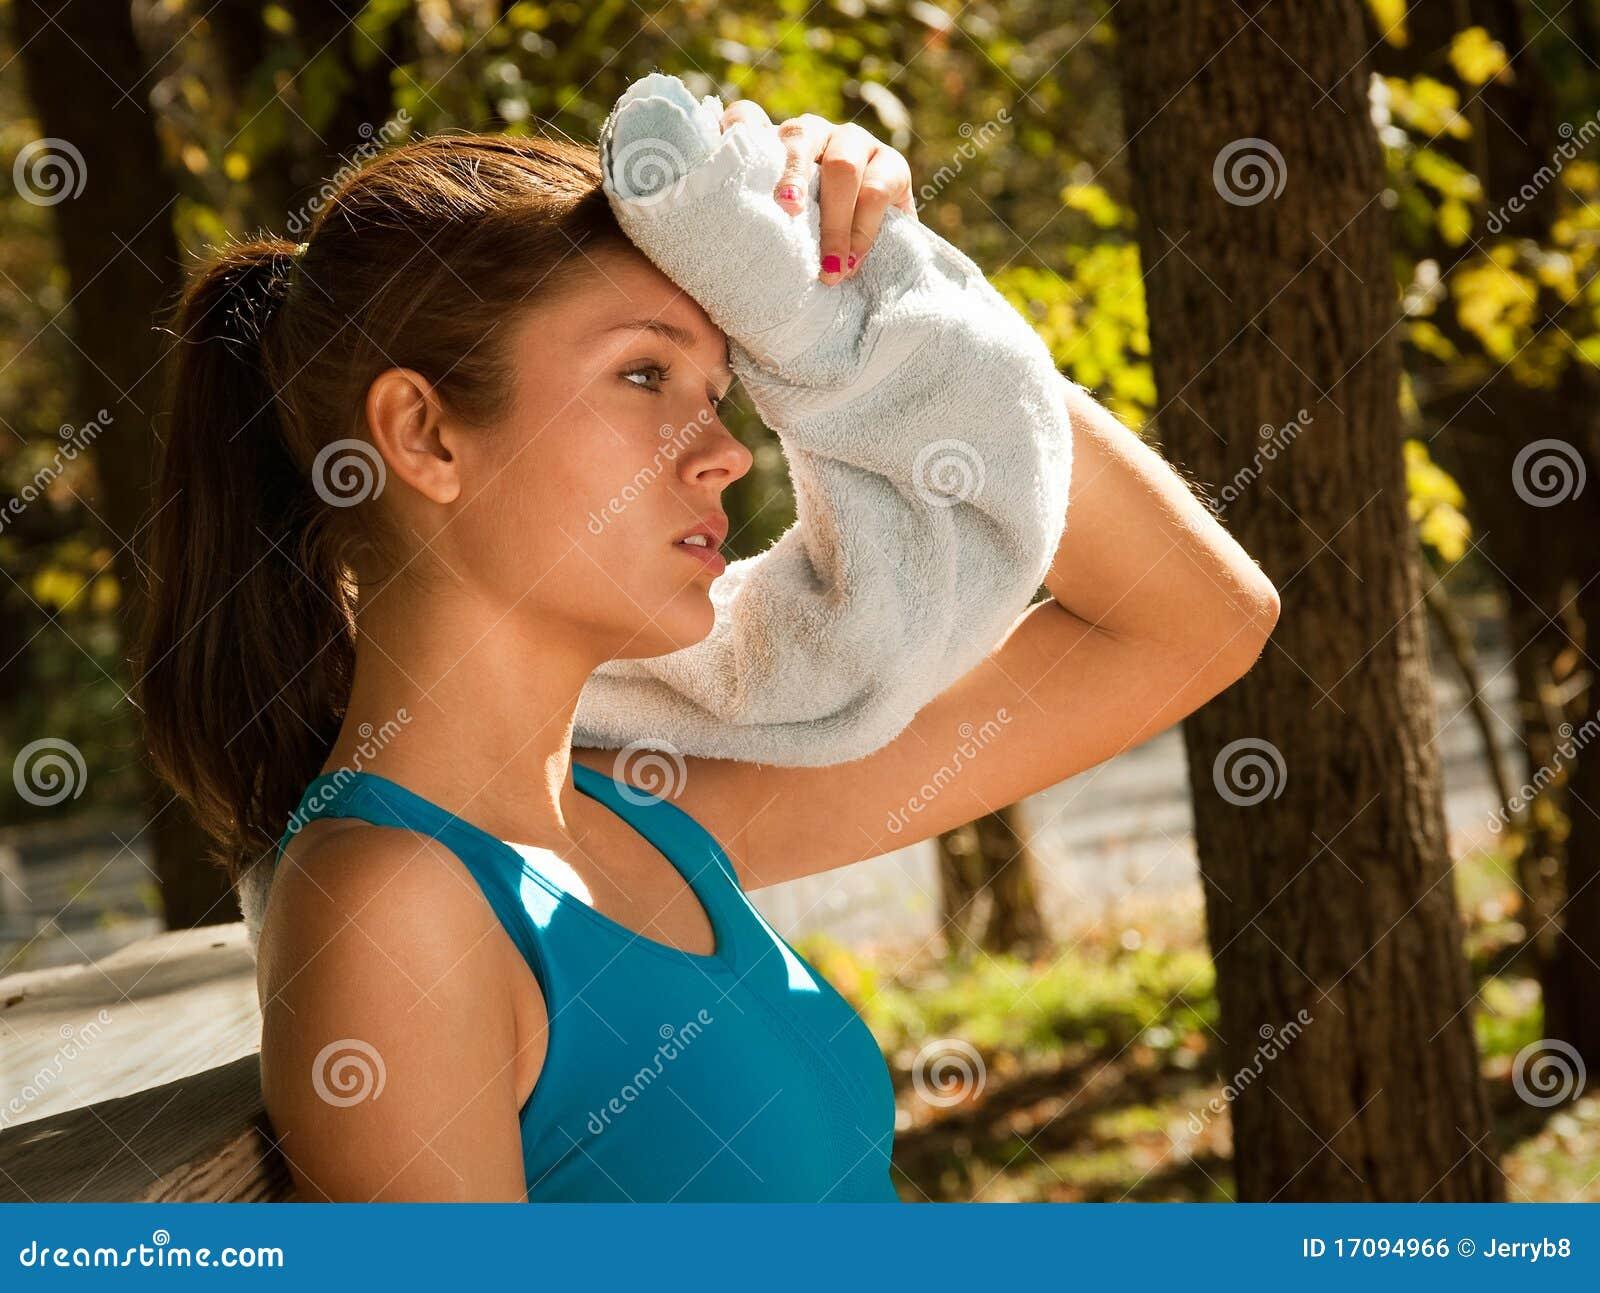 Frau, die Braue mit Tuch abwischt